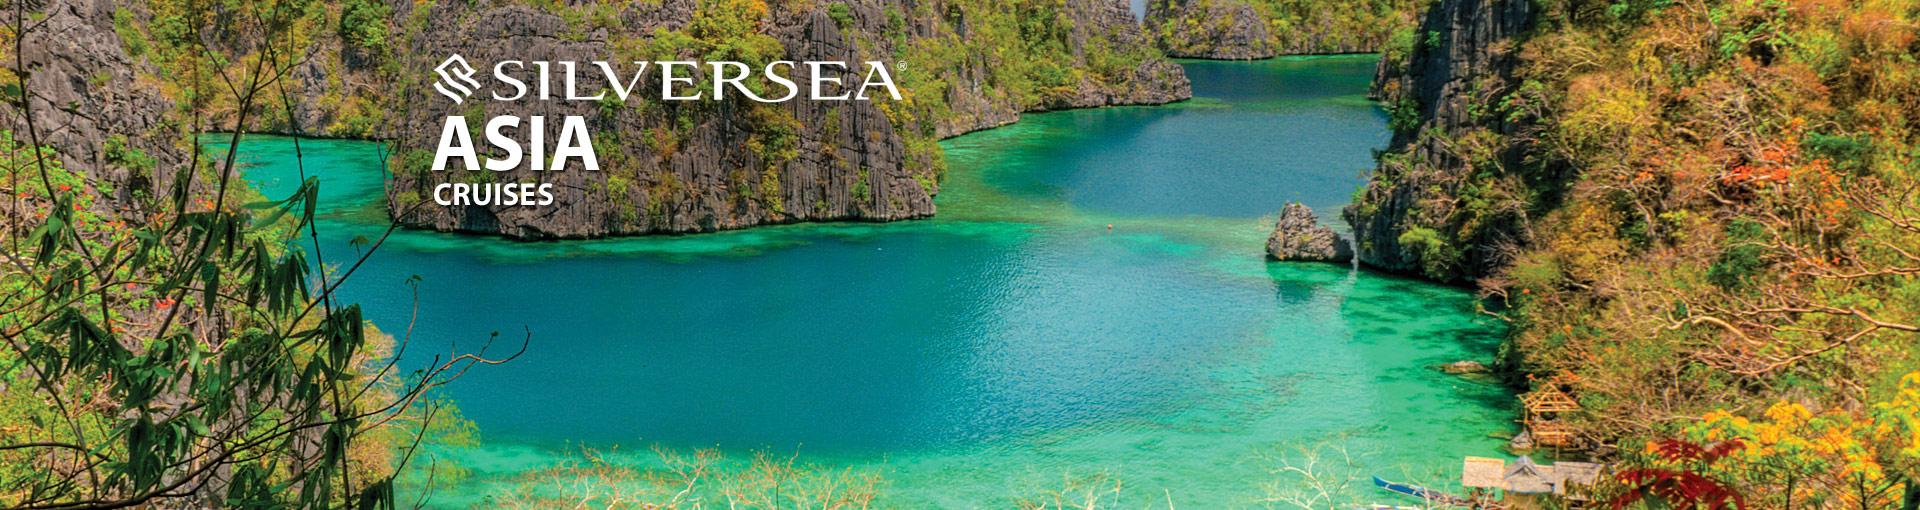 Silversea Cruises Asia Cruises